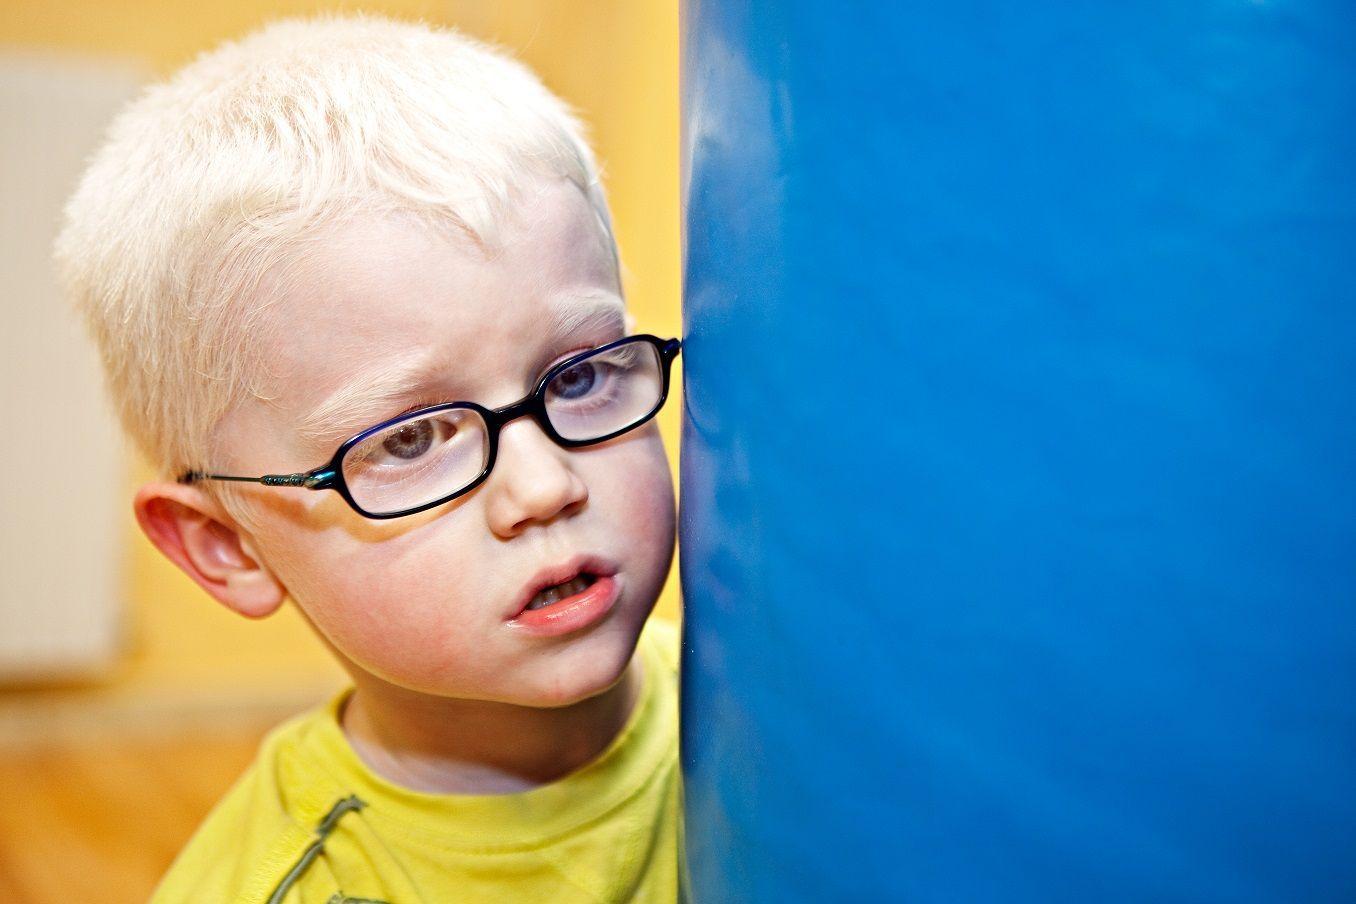 Las personas con albinismo tienen como característica común la discapacidad visual severa. Además pueden manifestar también una alteración en la pigmentación. Fotografía: Ana Yturralde.